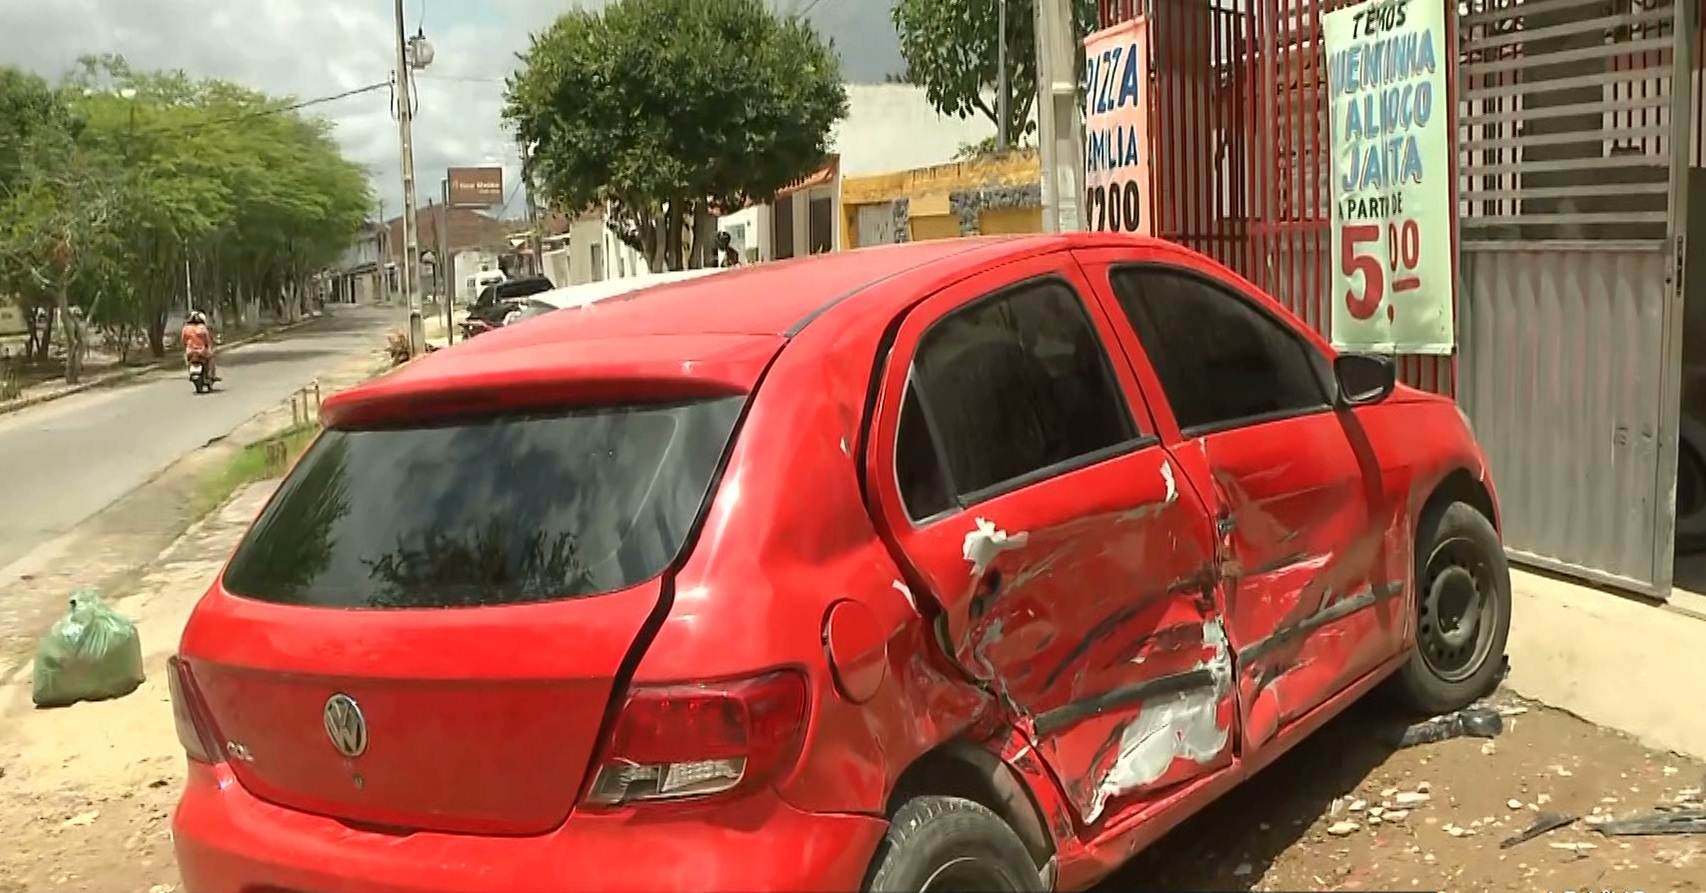 Motorista suspeito de embriaguez bate em 2 carros e derruba portão de casa em Campina Grande